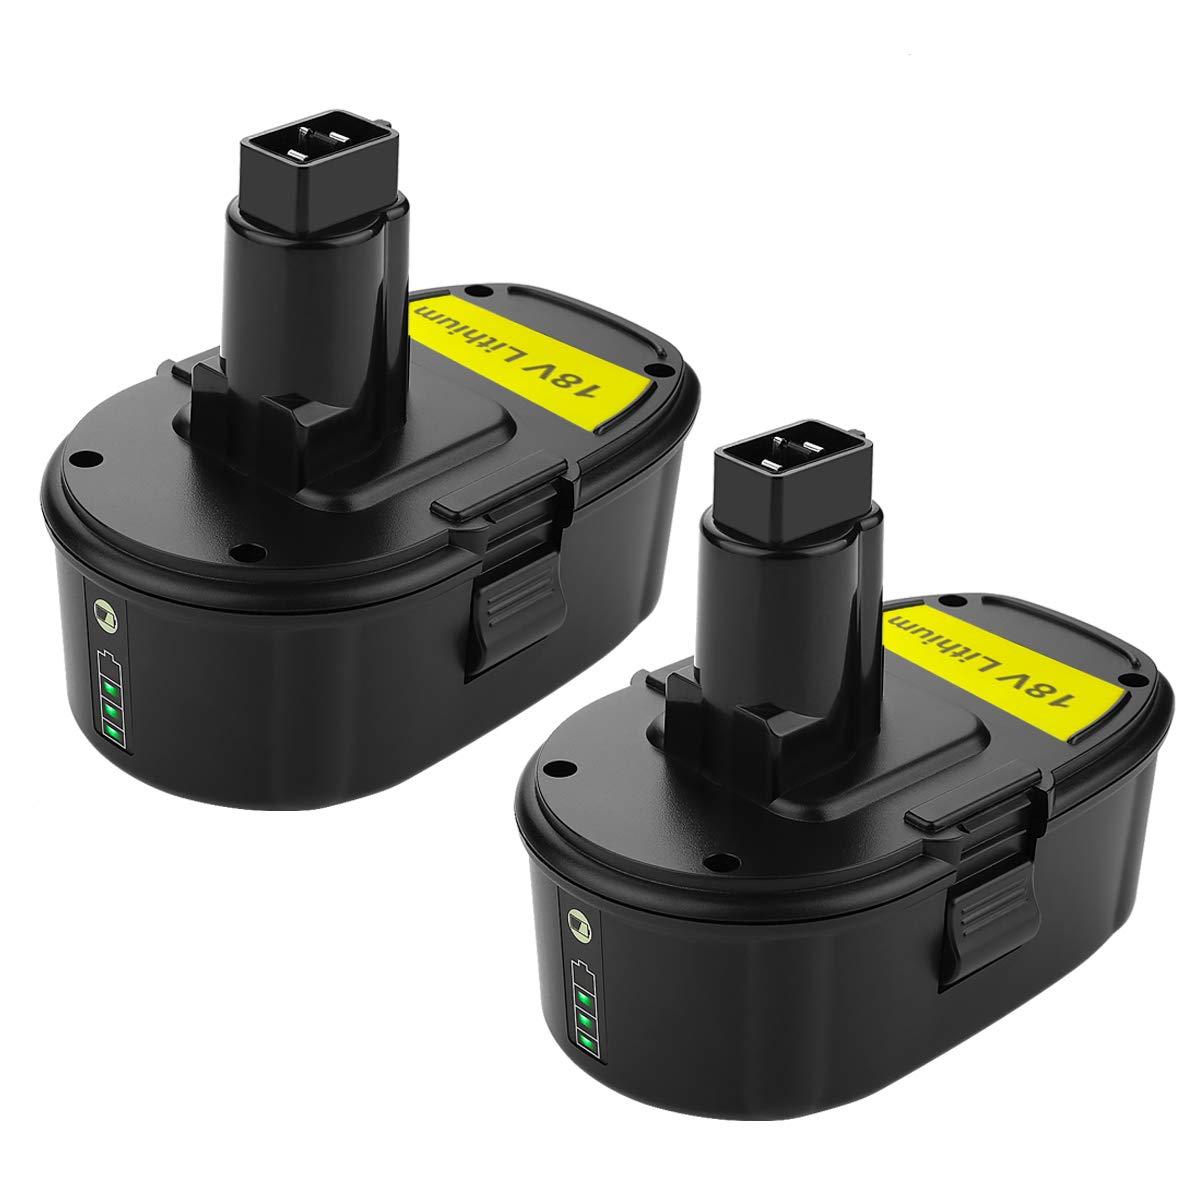 ANTRobut Replacement DC9096 Lithium-ion 3000mAh 18V battery for Dewalt 18 volt XRP battery DC9096 DC9098 DC9099 DE9039 DE9095 DE9096 DE9098 DW9095 DW9096 Cordless Drill dewalt 18v Batteries (2Packs)